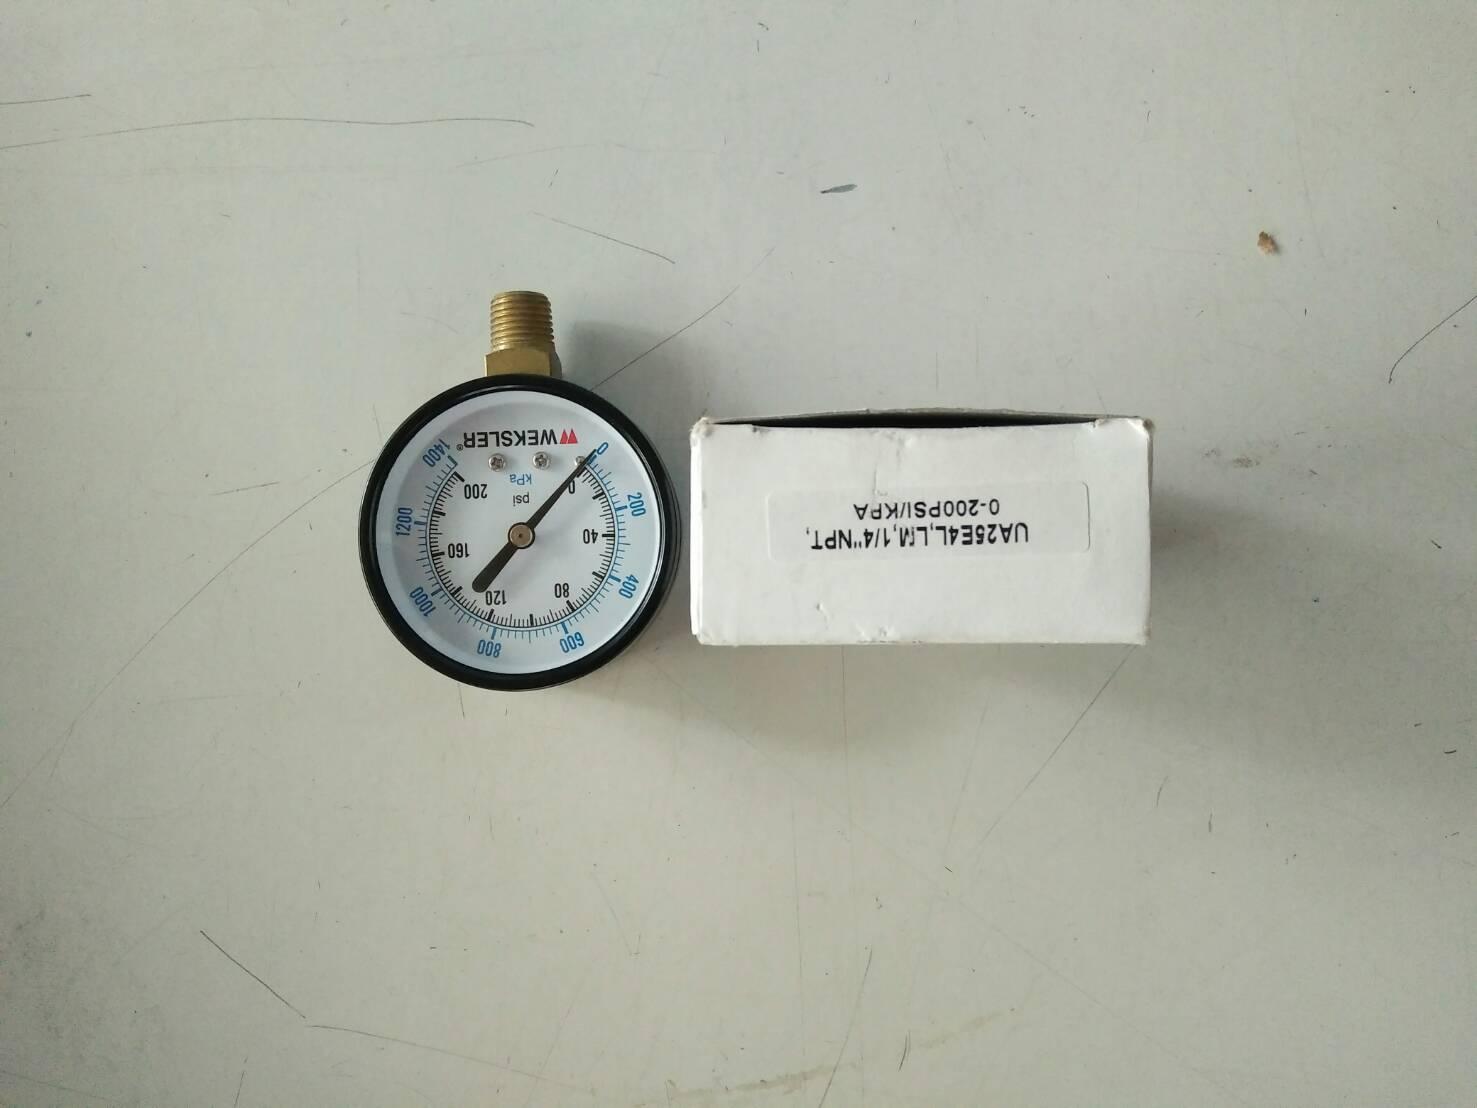 เกจวัดความดัน 1/4NPT 0-200 PSI ยี่ห้อ WEKSLER